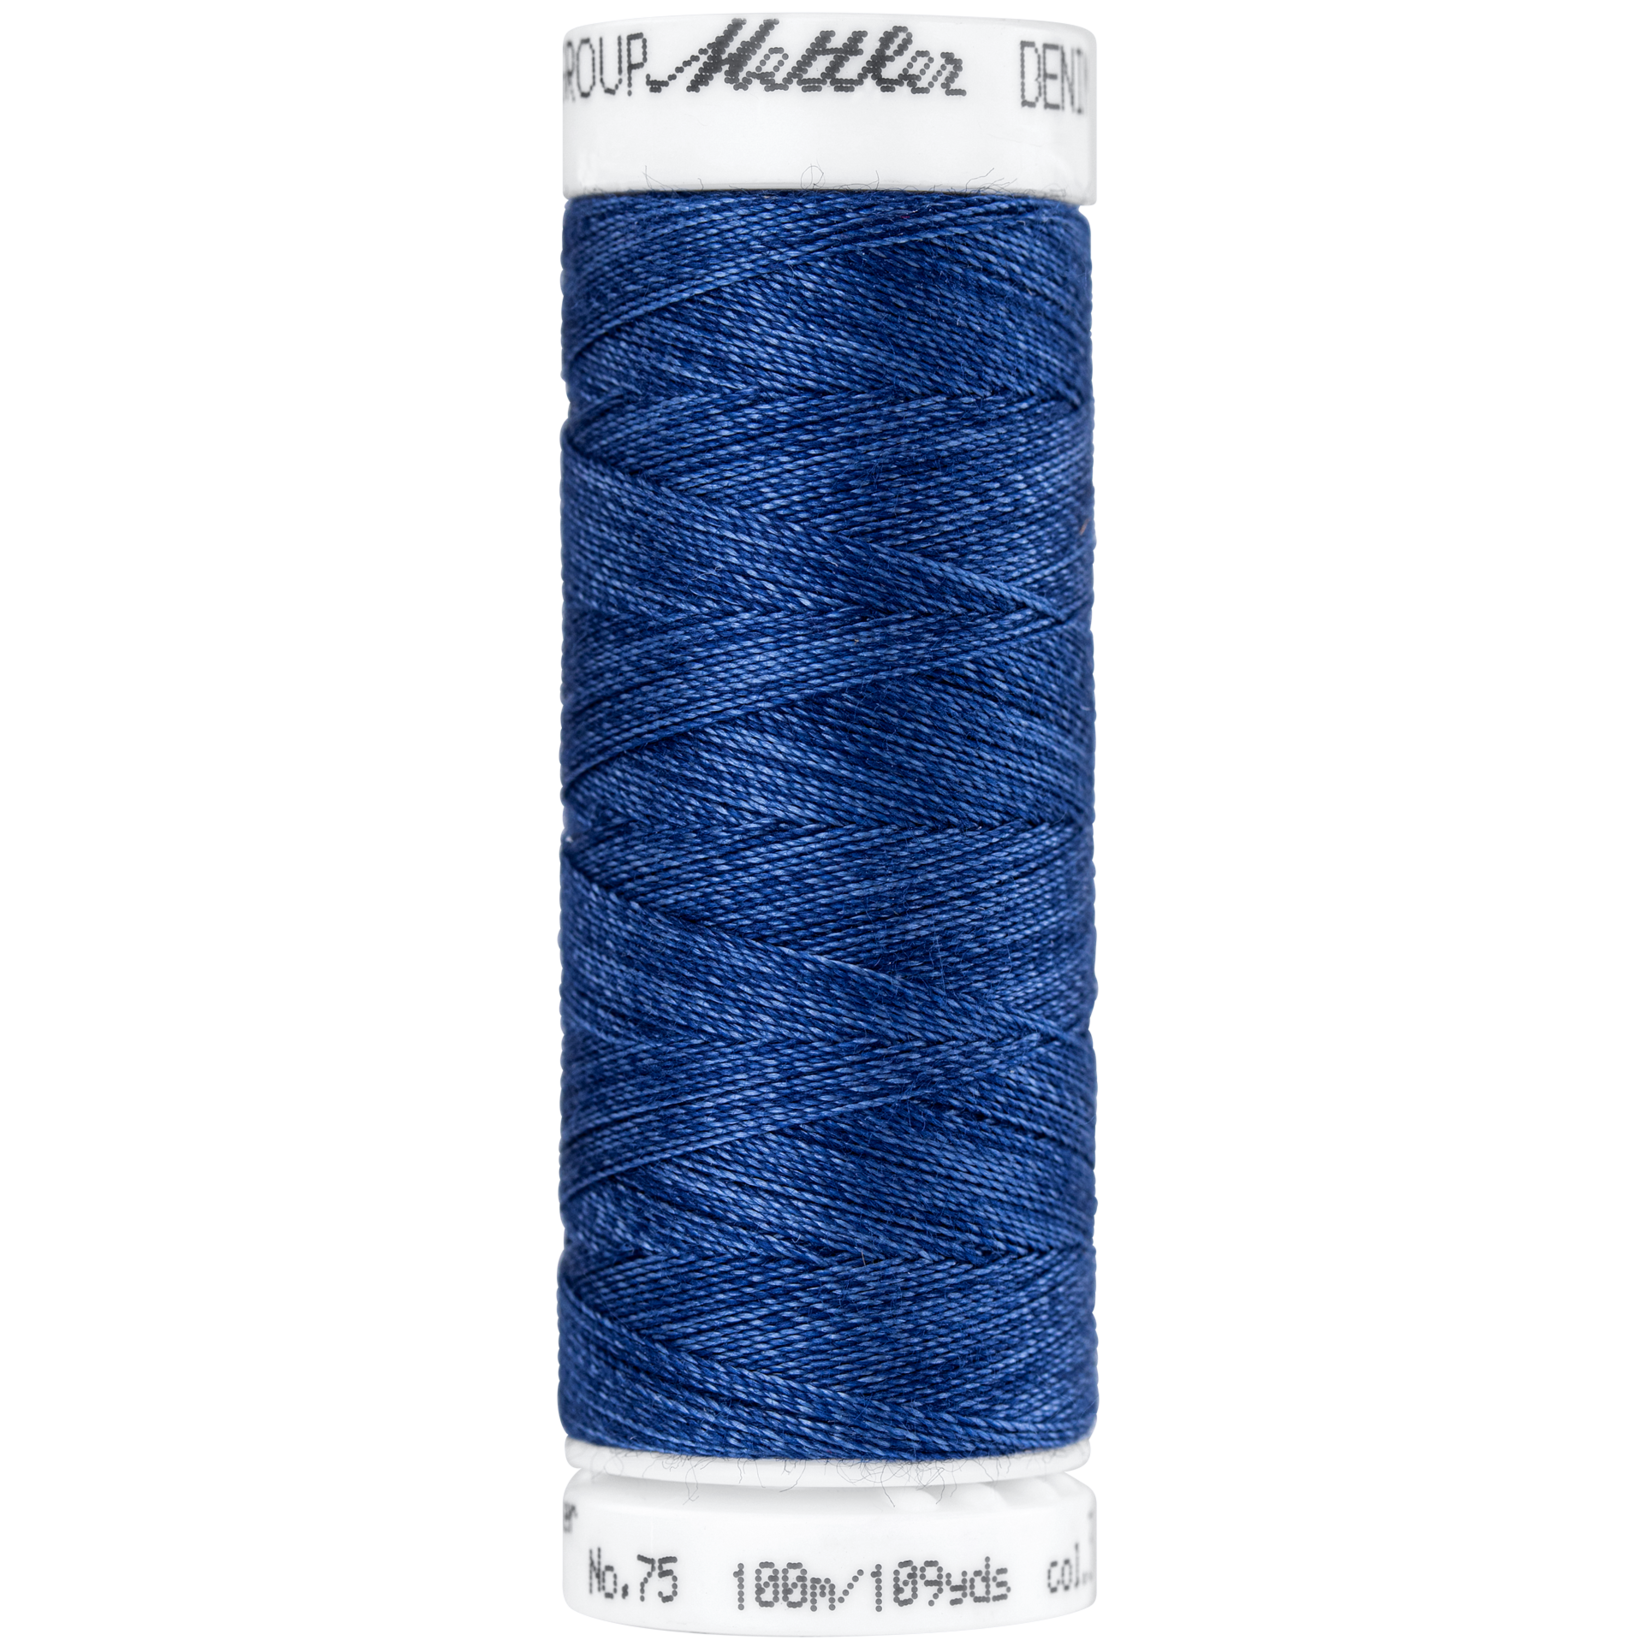 Amann Mettler Denim Doc - #75 - 100 m - 3623 Navy Blue